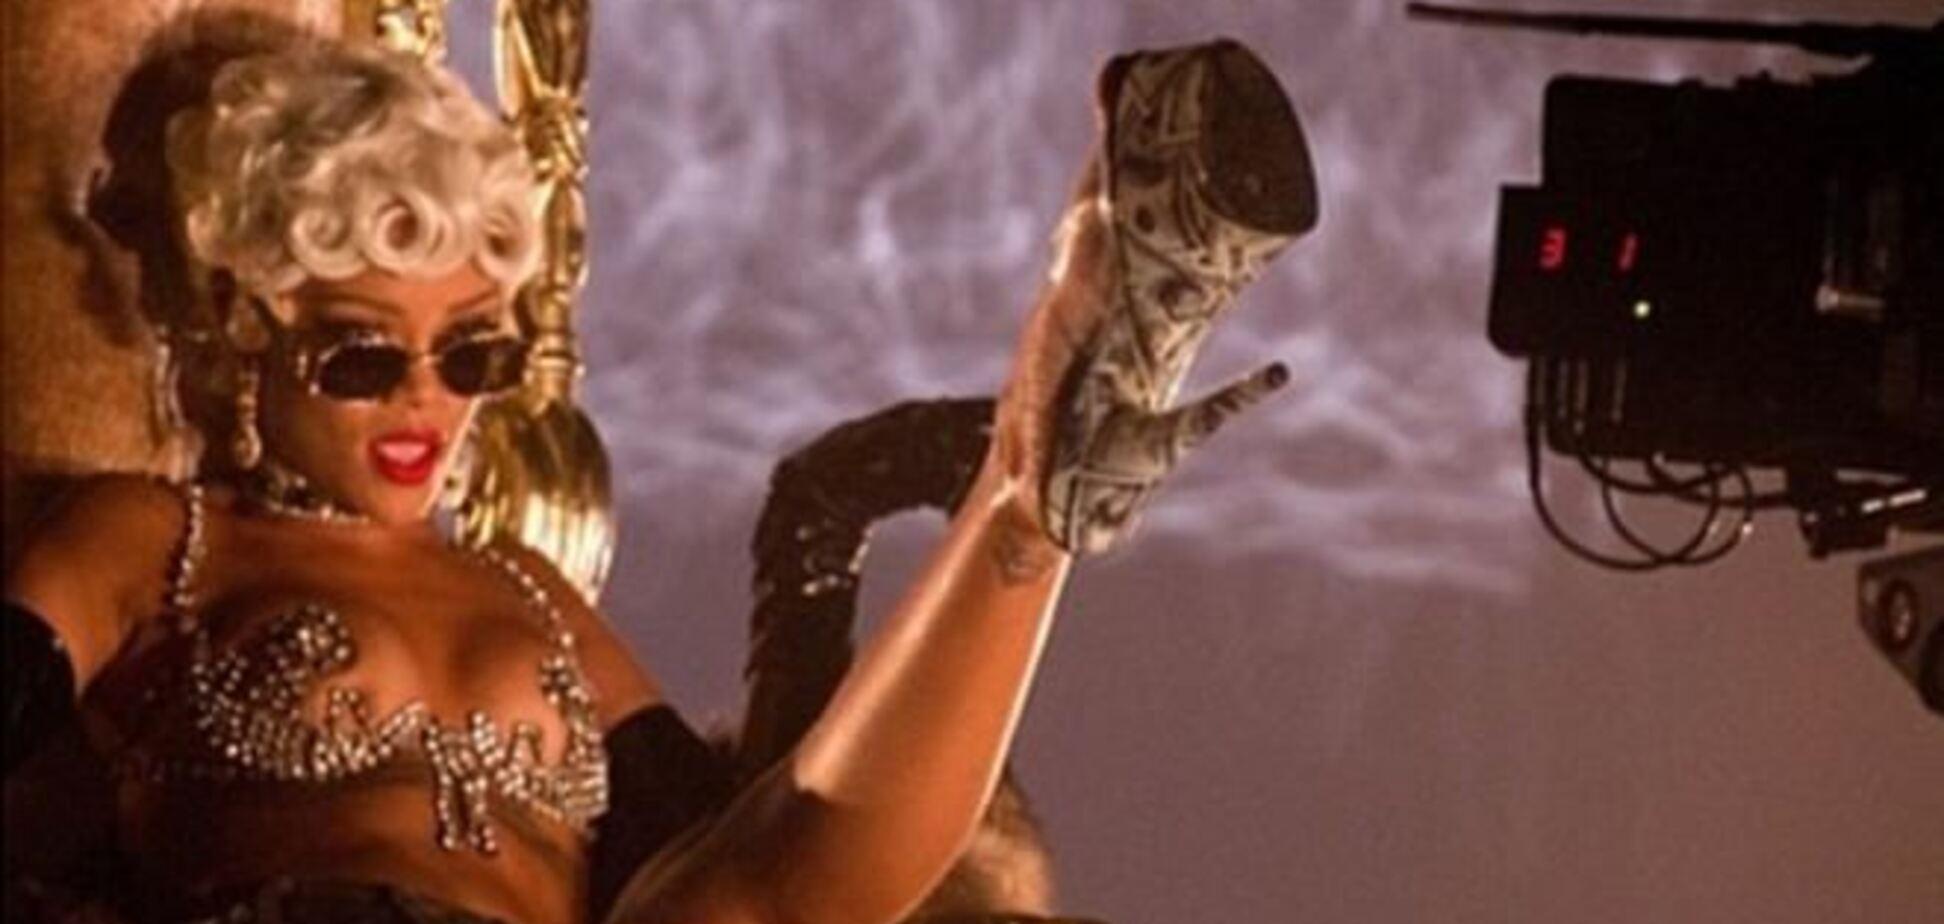 Рианна похвасталась ярким лифом для Pour It Up